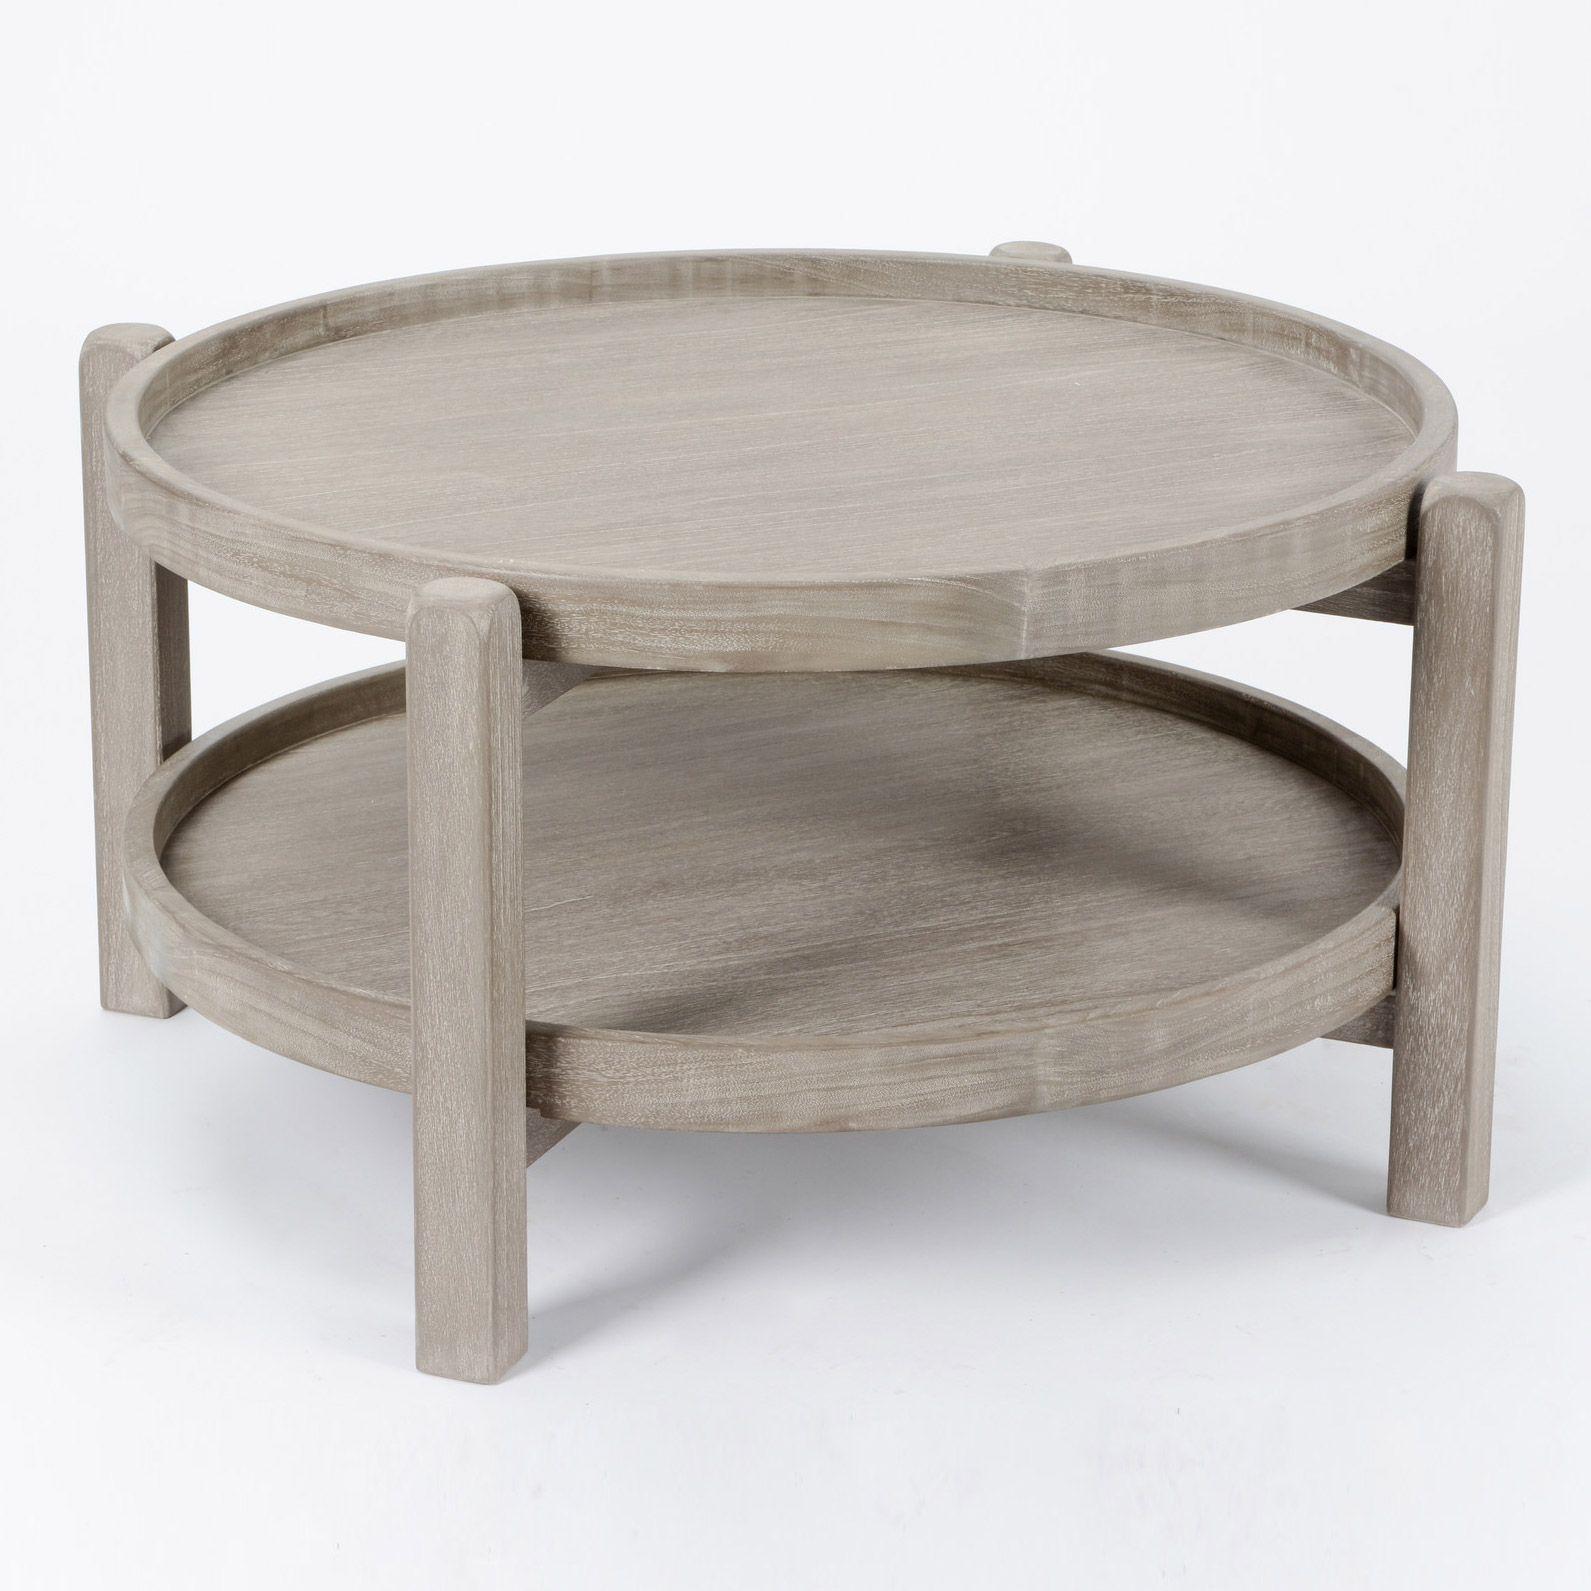 Table Basse En Bois Ronde 2 Plateaux Diametre 80 Cm Hubert Amadeus Table Basse Table Basse Bois Table Design